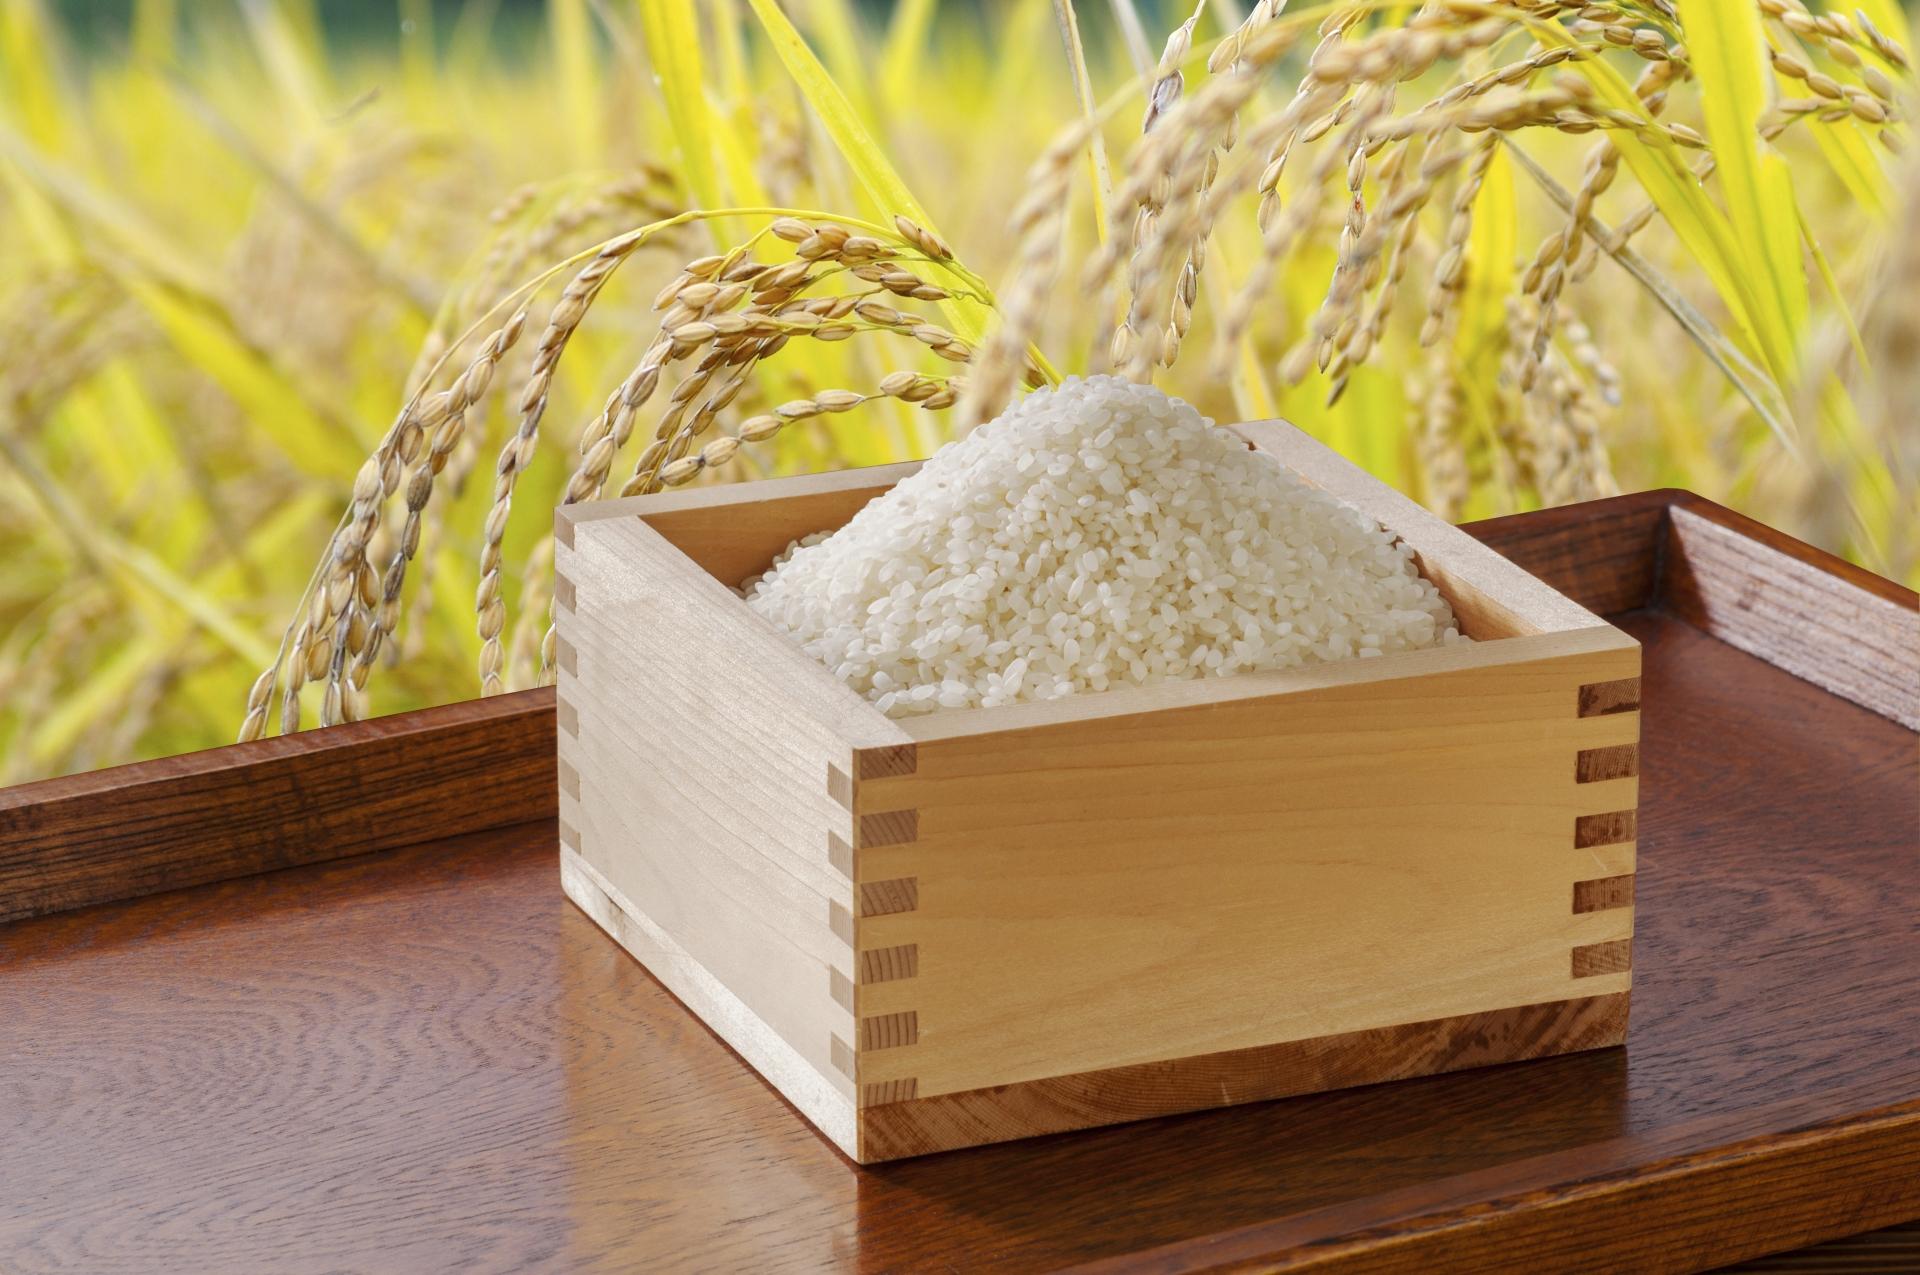 セブンのお米(PB商品)に2キロと5キロはある? 値段と他の種類も紹介! | セブンイレブン・マニアblog